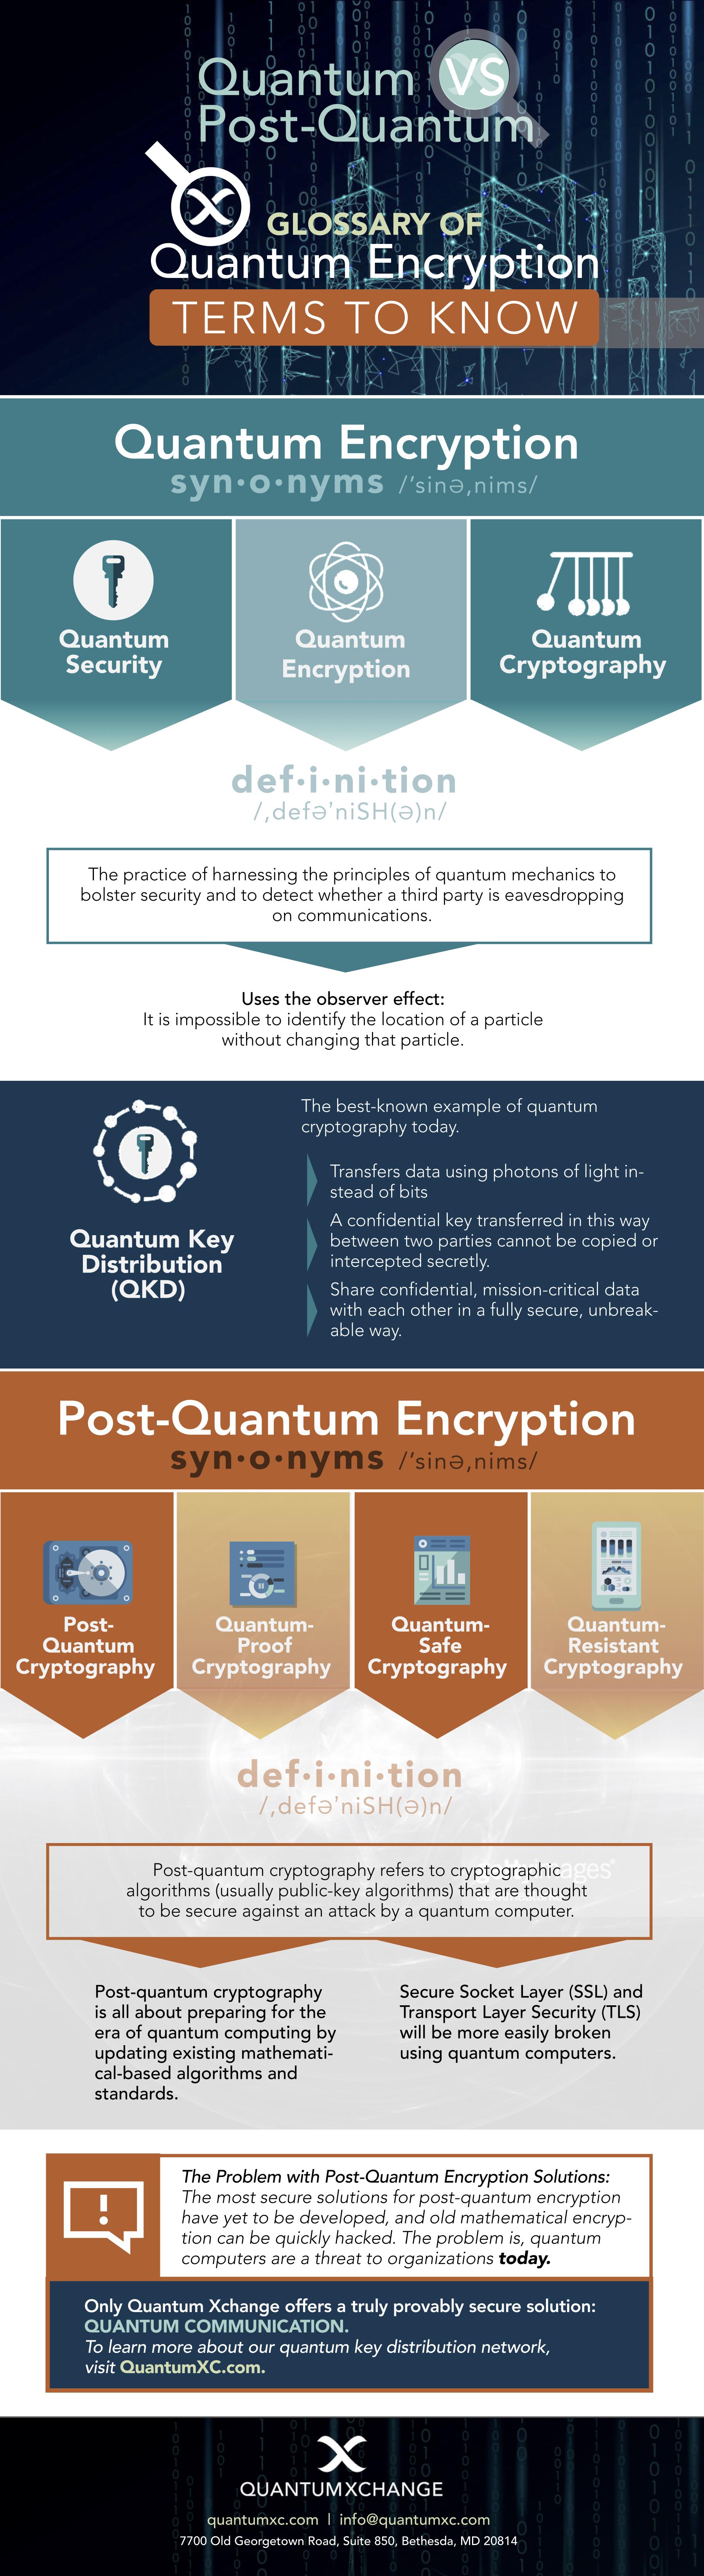 Quantum Encryption Glossary